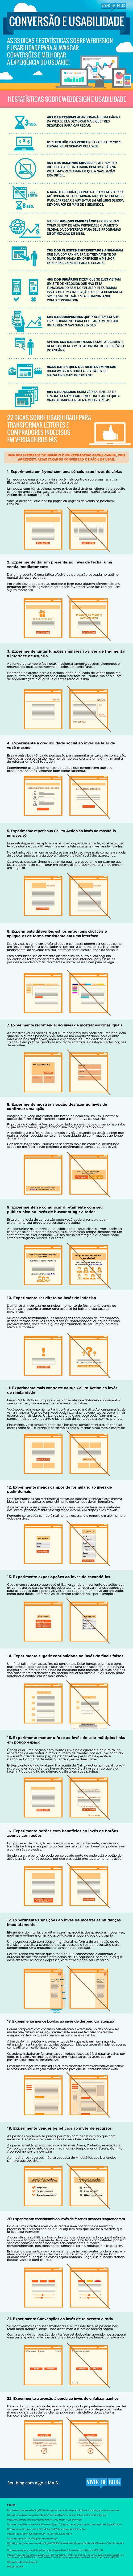 Infográfico de Conversão e Usabilidade para Ecommerce.